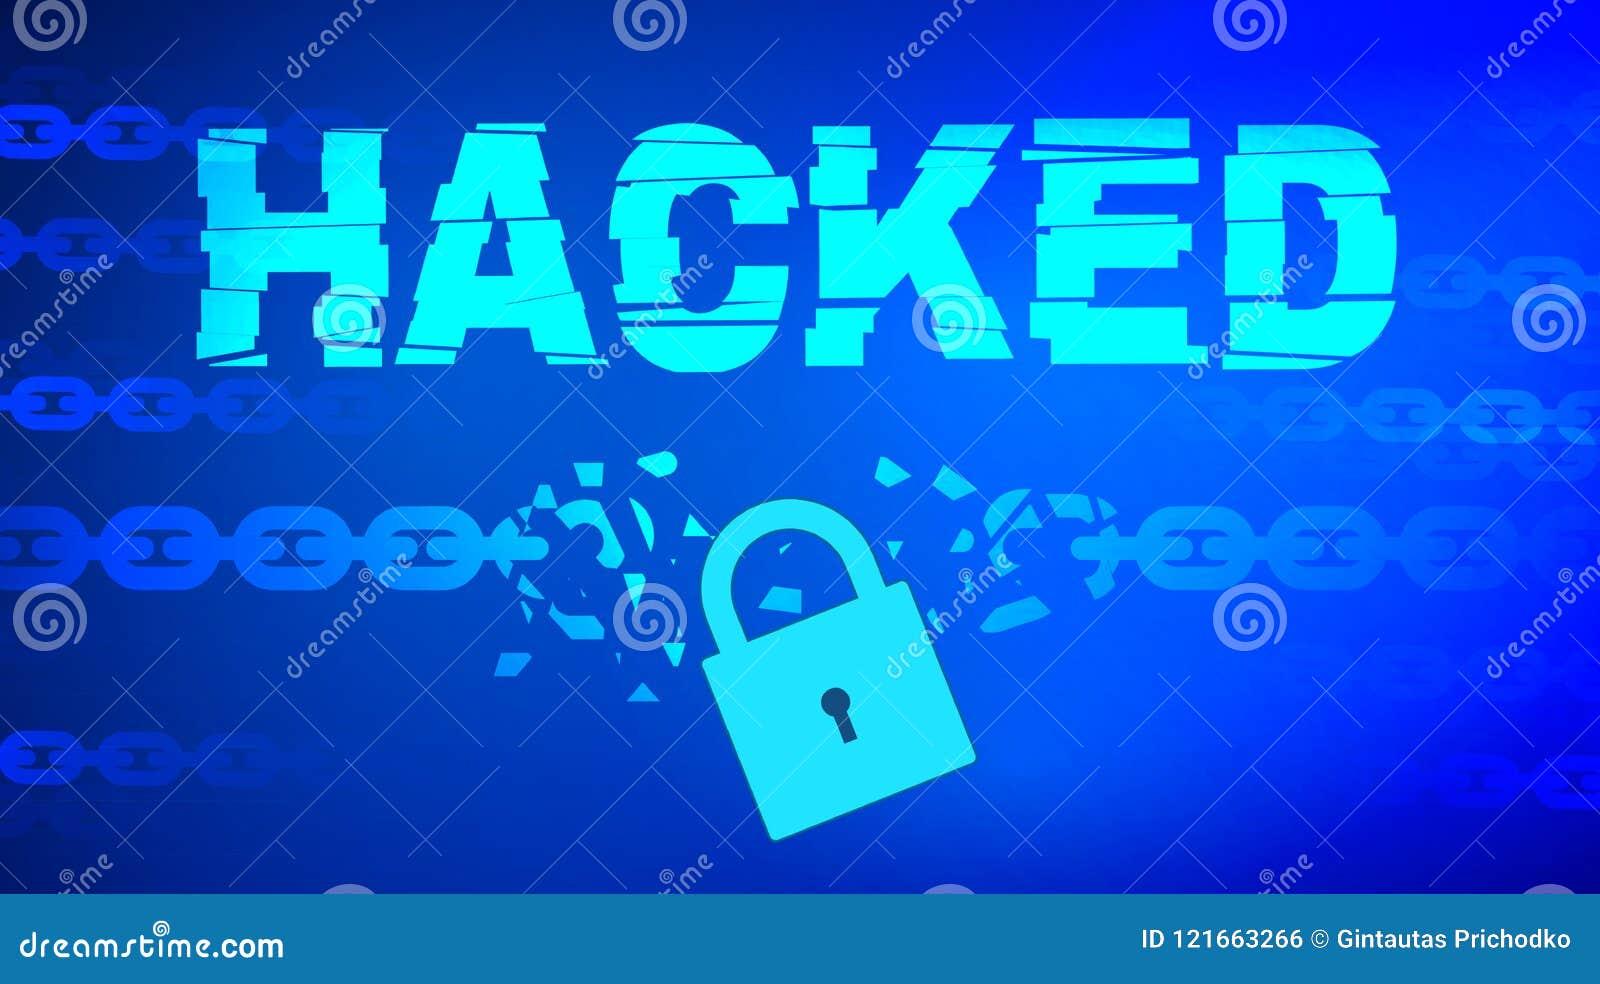 Gegevens binnendrongen in een beveiligd computersysteem thema met gebroken ketting